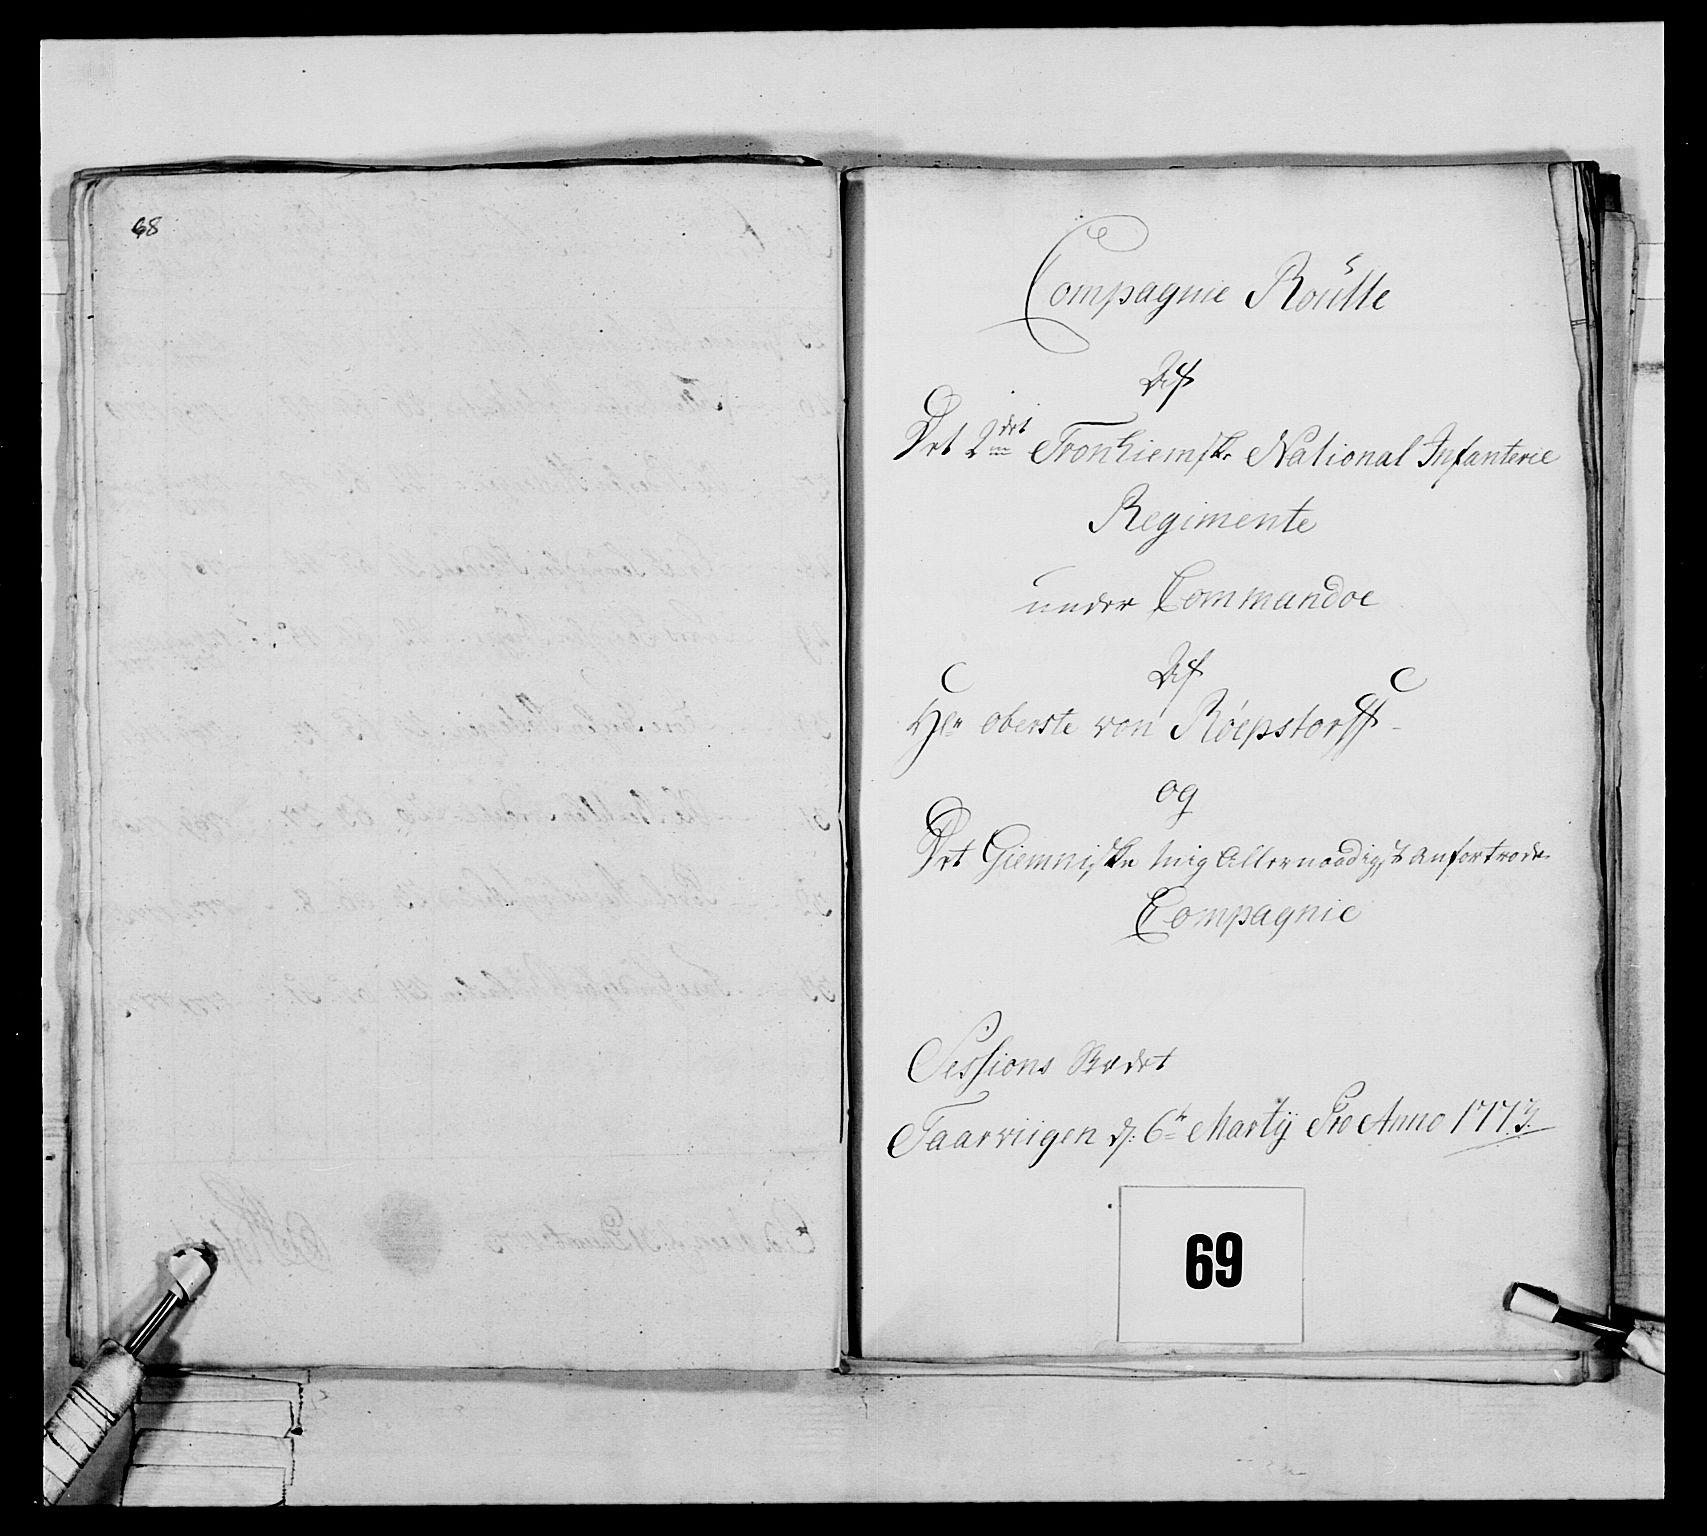 RA, Generalitets- og kommissariatskollegiet, Det kongelige norske kommissariatskollegium, E/Eh/L0076: 2. Trondheimske nasjonale infanteriregiment, 1766-1773, s. 283